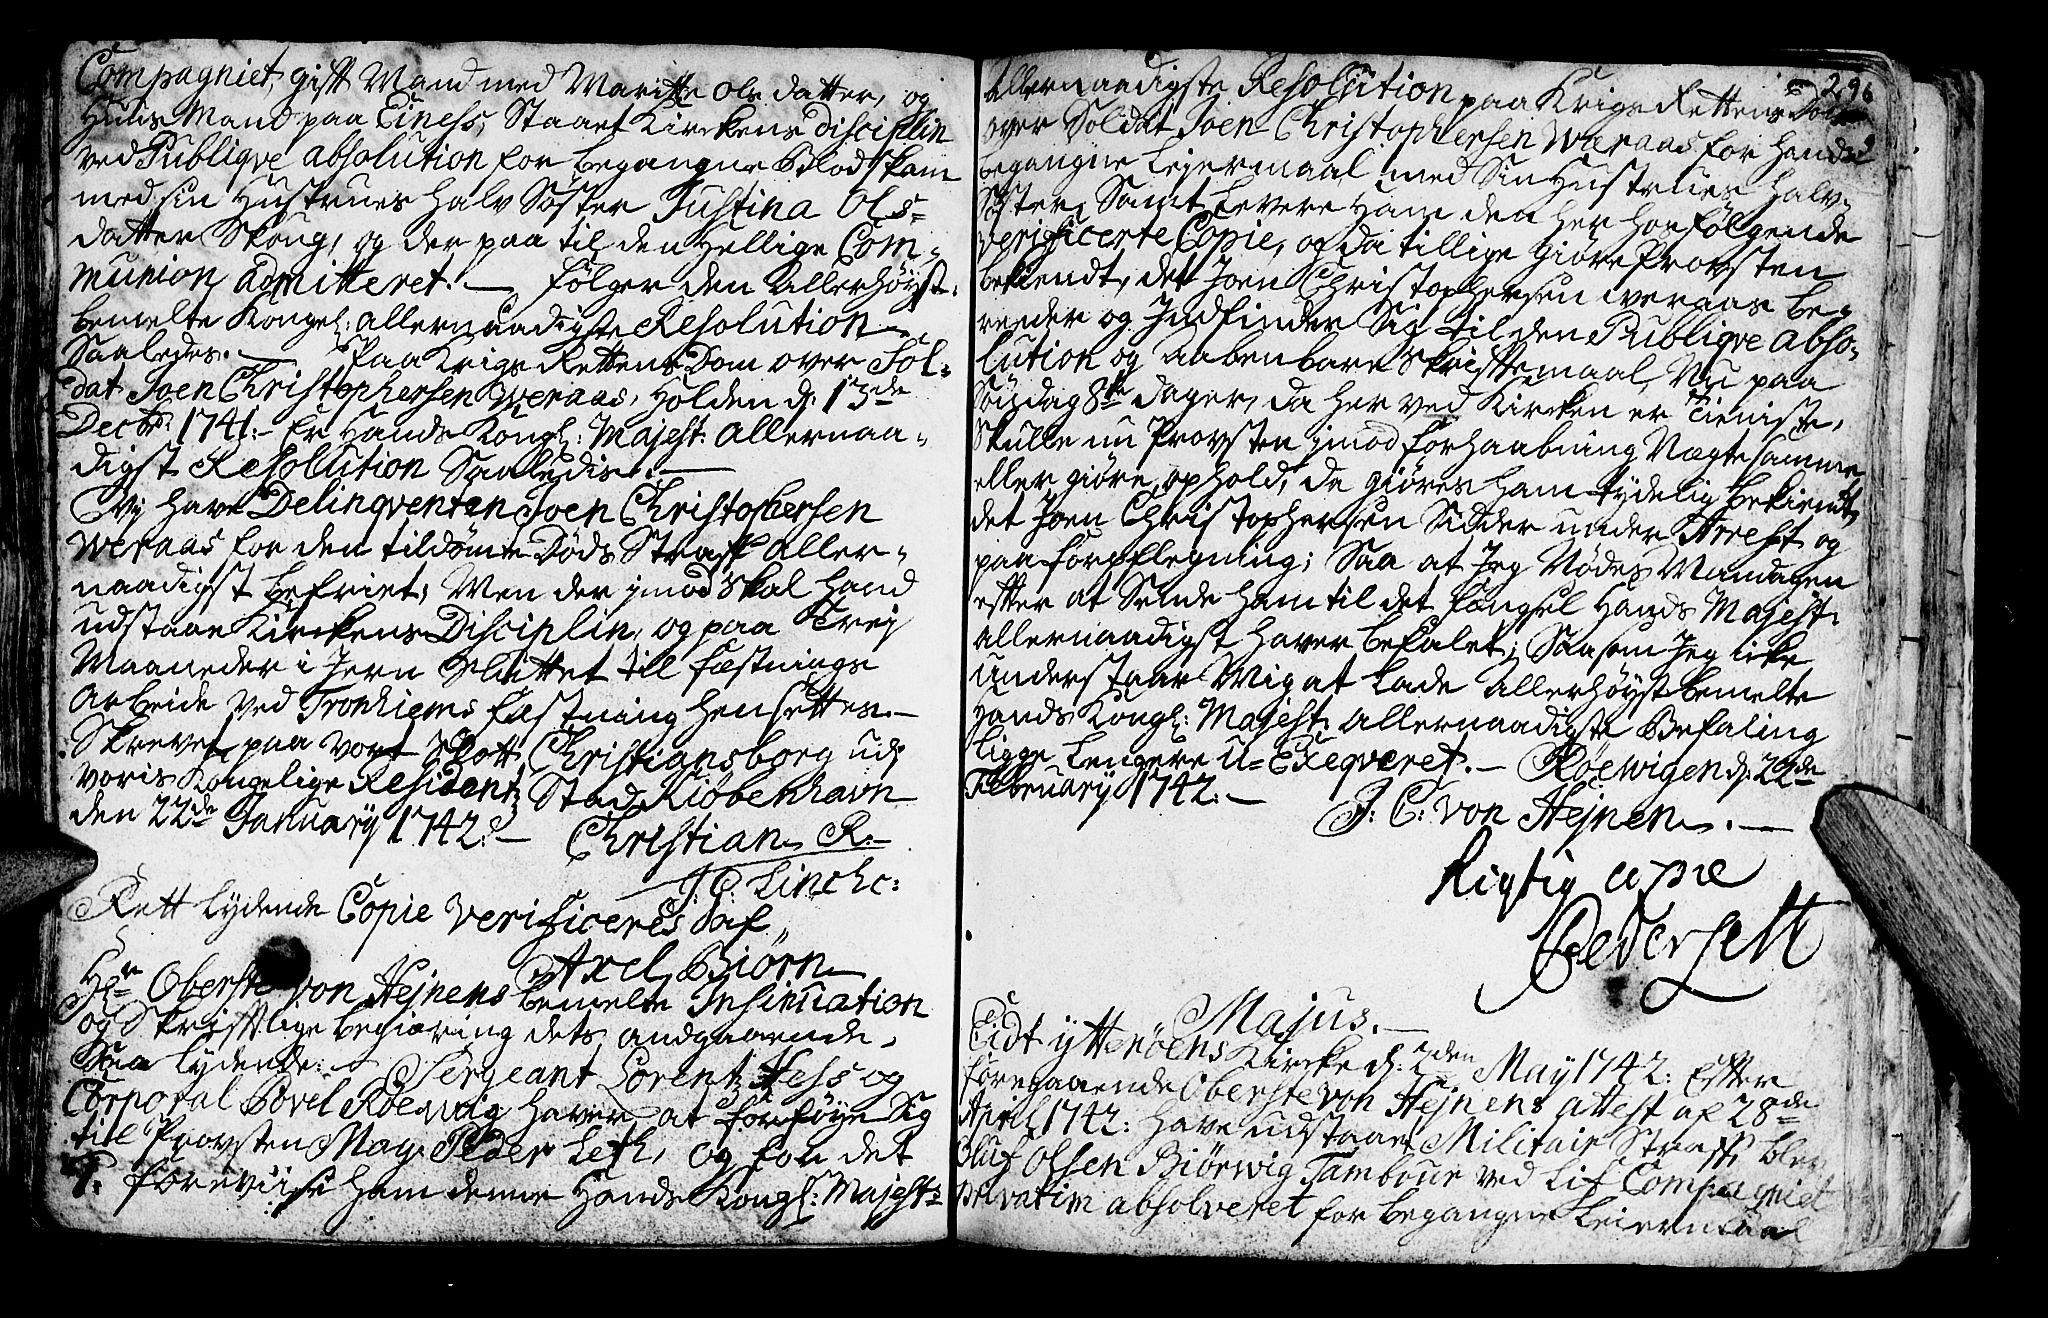 SAT, Ministerialprotokoller, klokkerbøker og fødselsregistre - Nord-Trøndelag, 722/L0215: Ministerialbok nr. 722A02, 1718-1755, s. 296